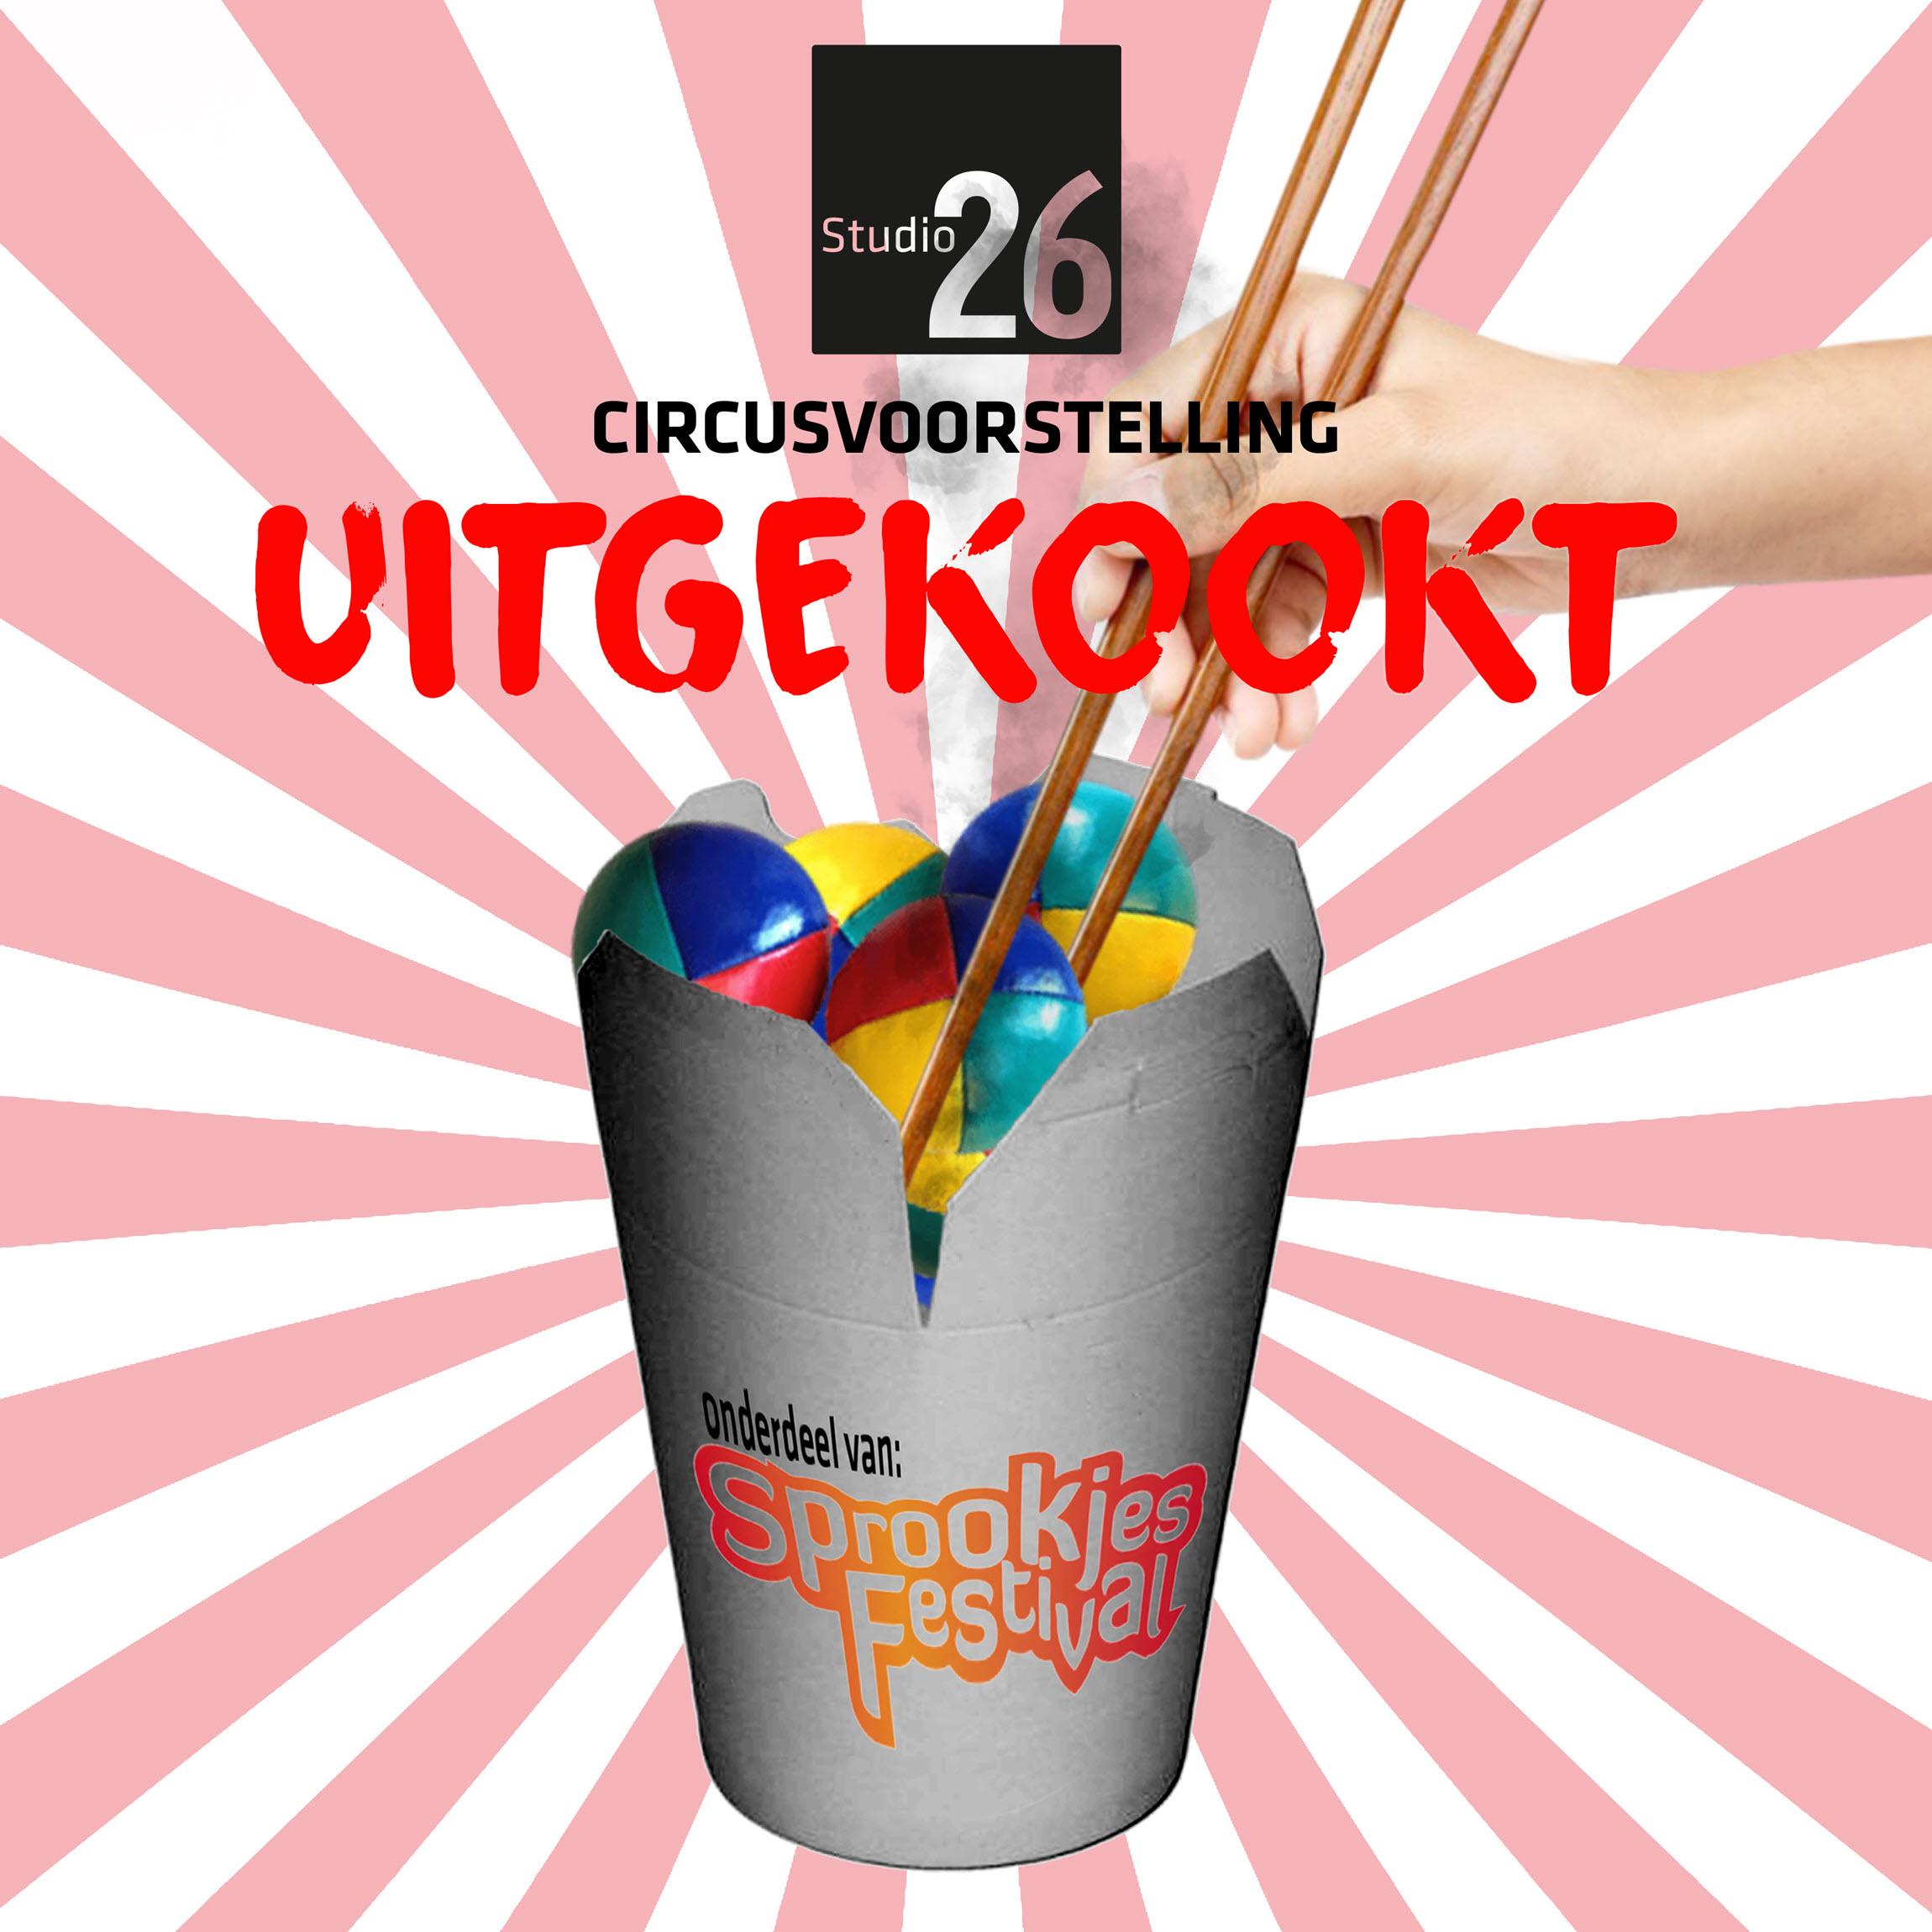 Circusvoorstelling Uitgekookt 2019 - Studio26